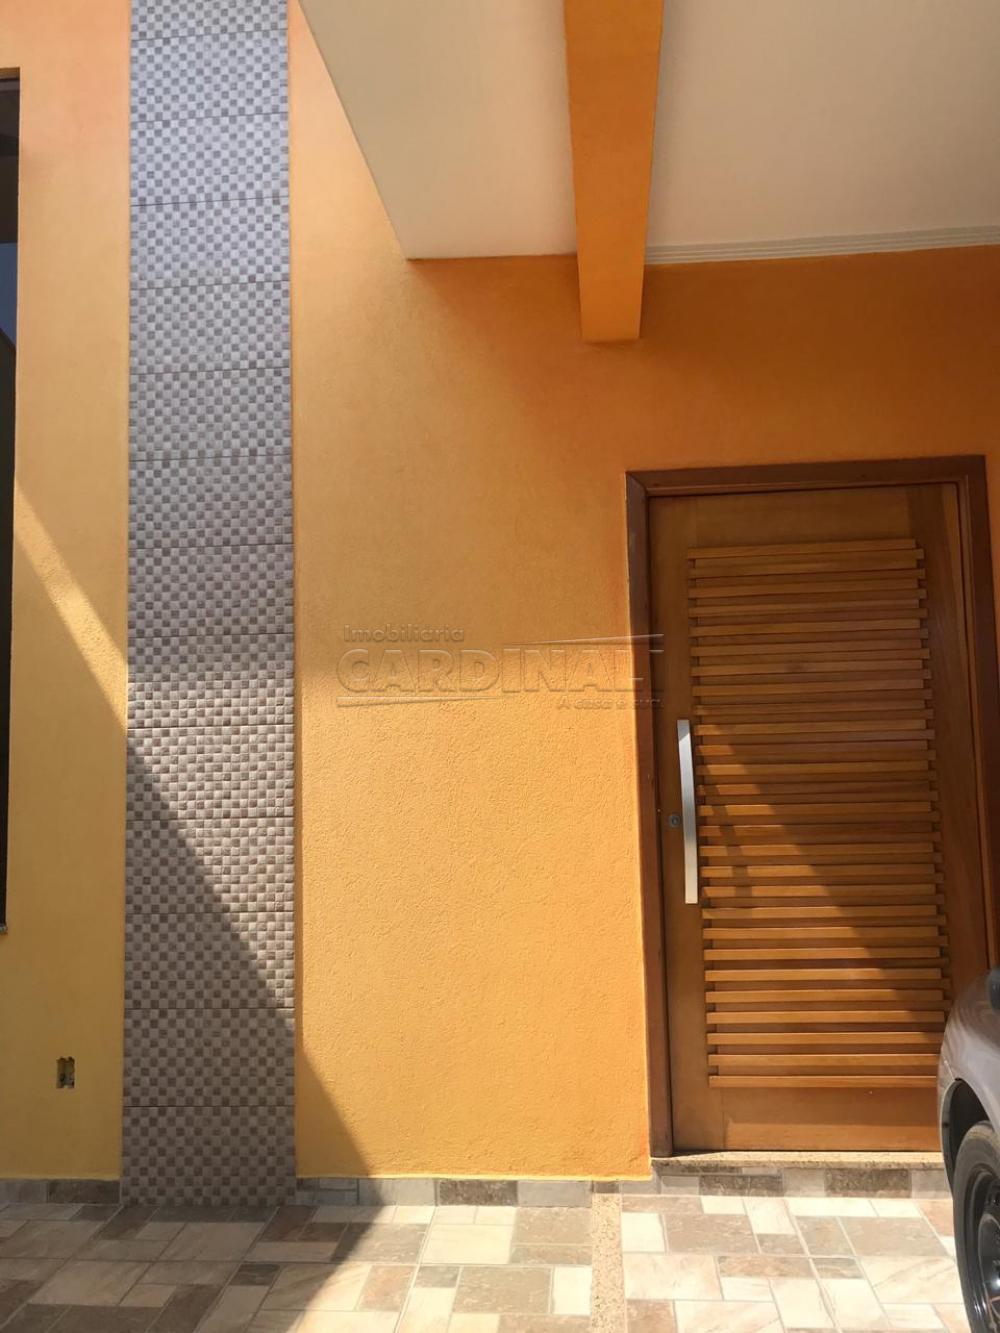 Comprar Casa / Padrão em São Carlos R$ 500.000,00 - Foto 2